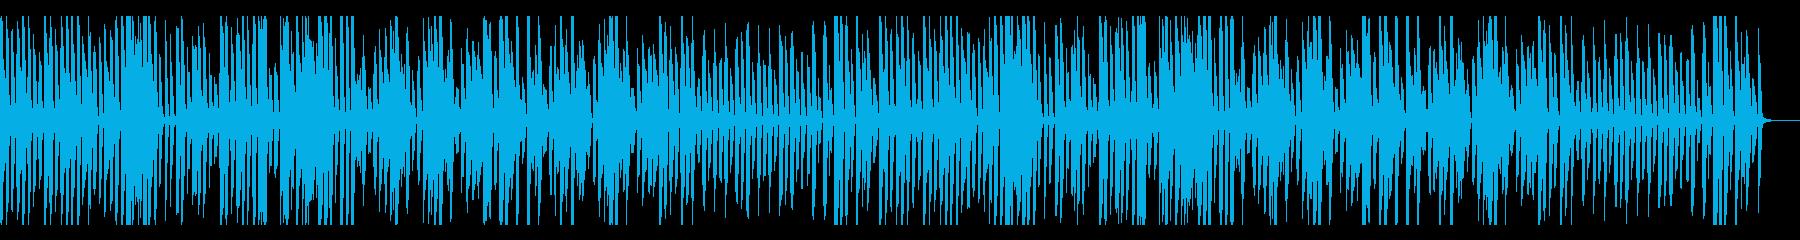 可愛い、ゆるい、楽しい、ピアノの再生済みの波形